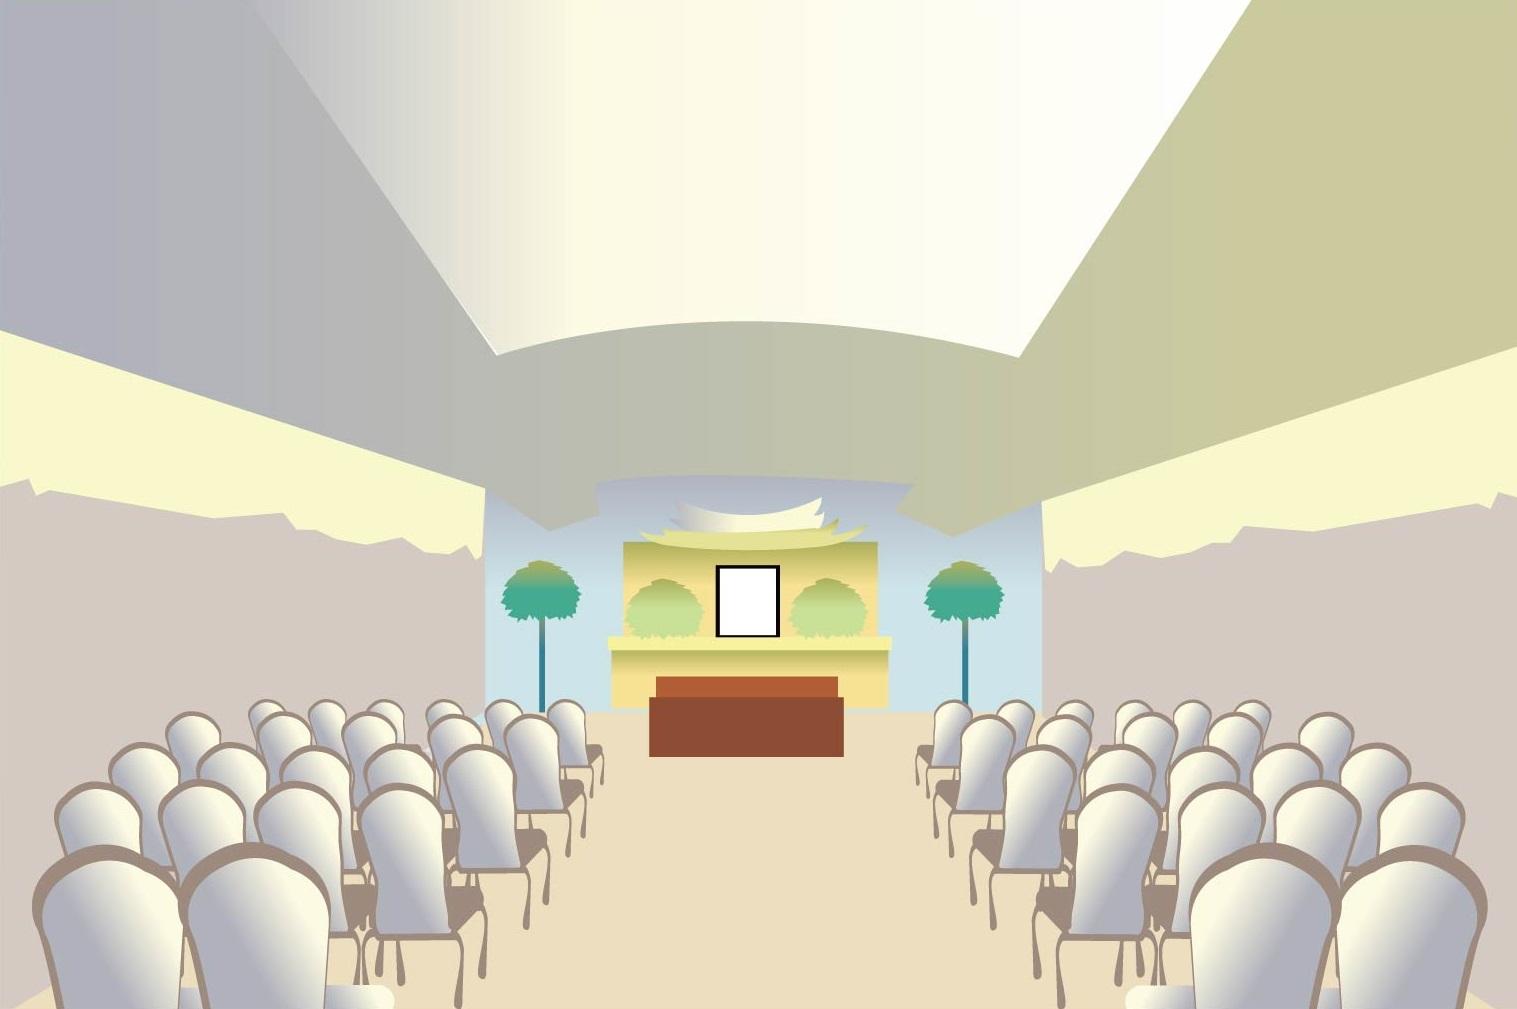 セレモニーホールで葬儀をするメリットデメリット!